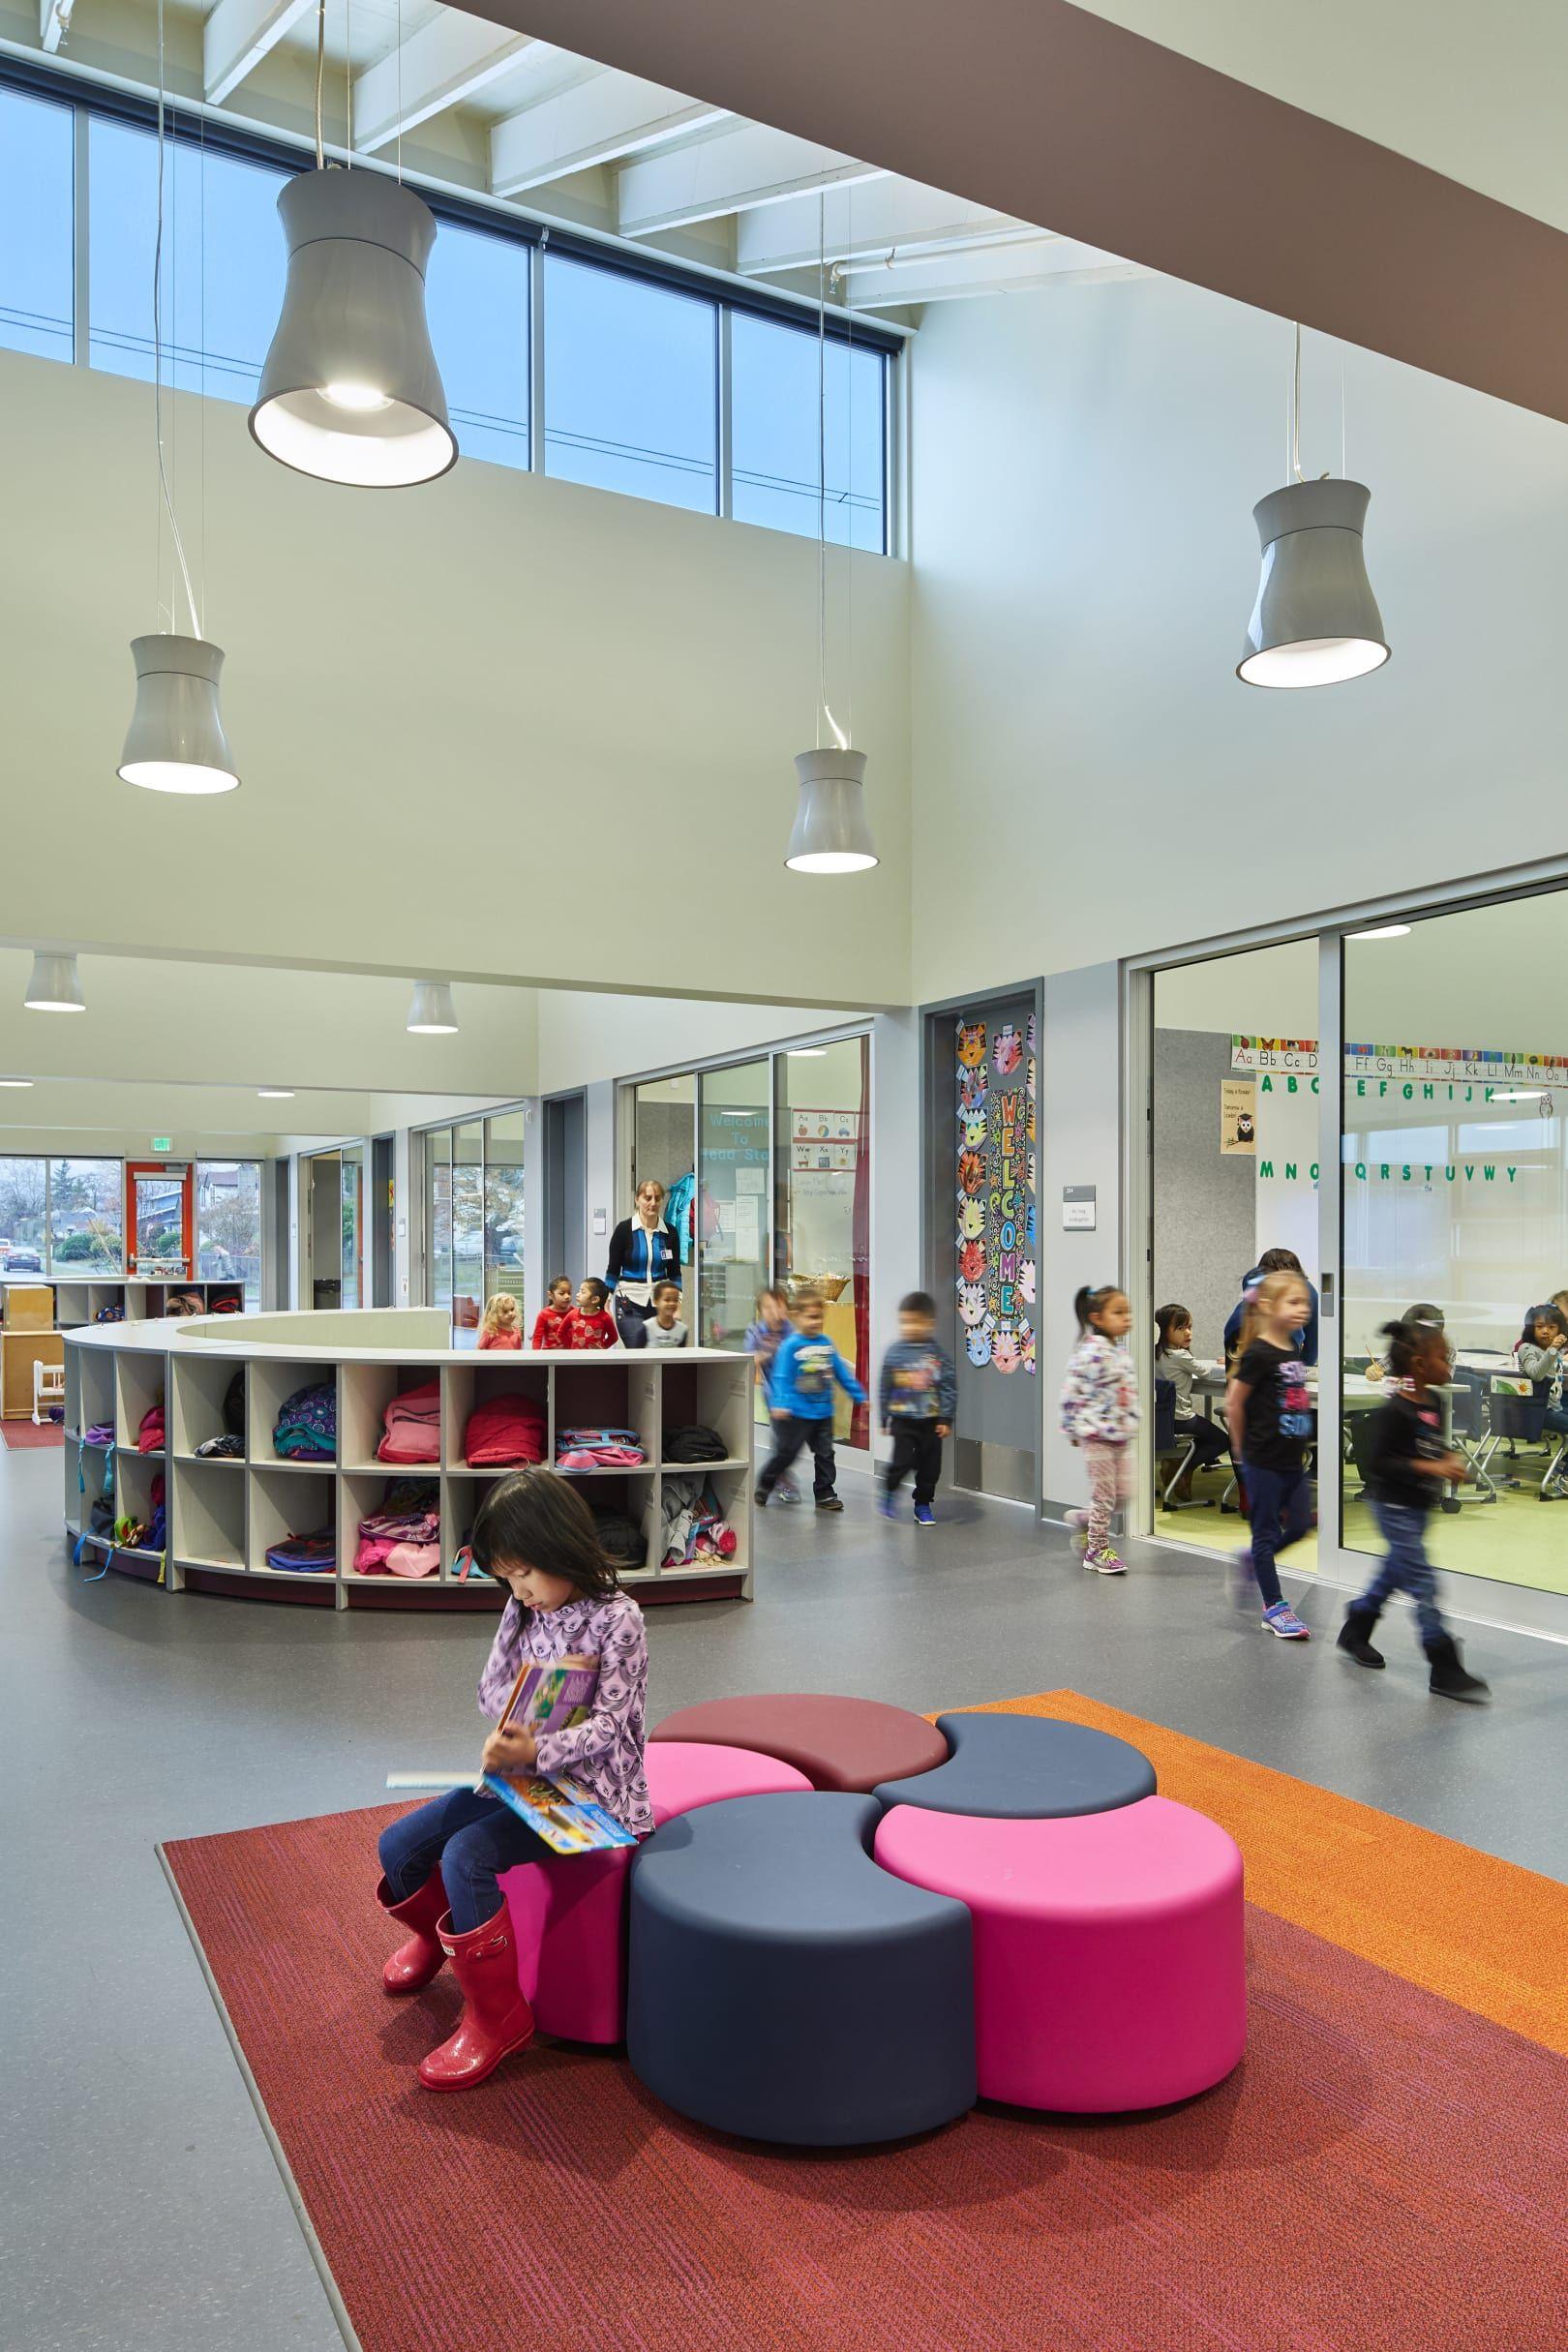 Superieur Arlington Elementary School, Tacoma, WA | Mahlum | AIA Education Award 2018